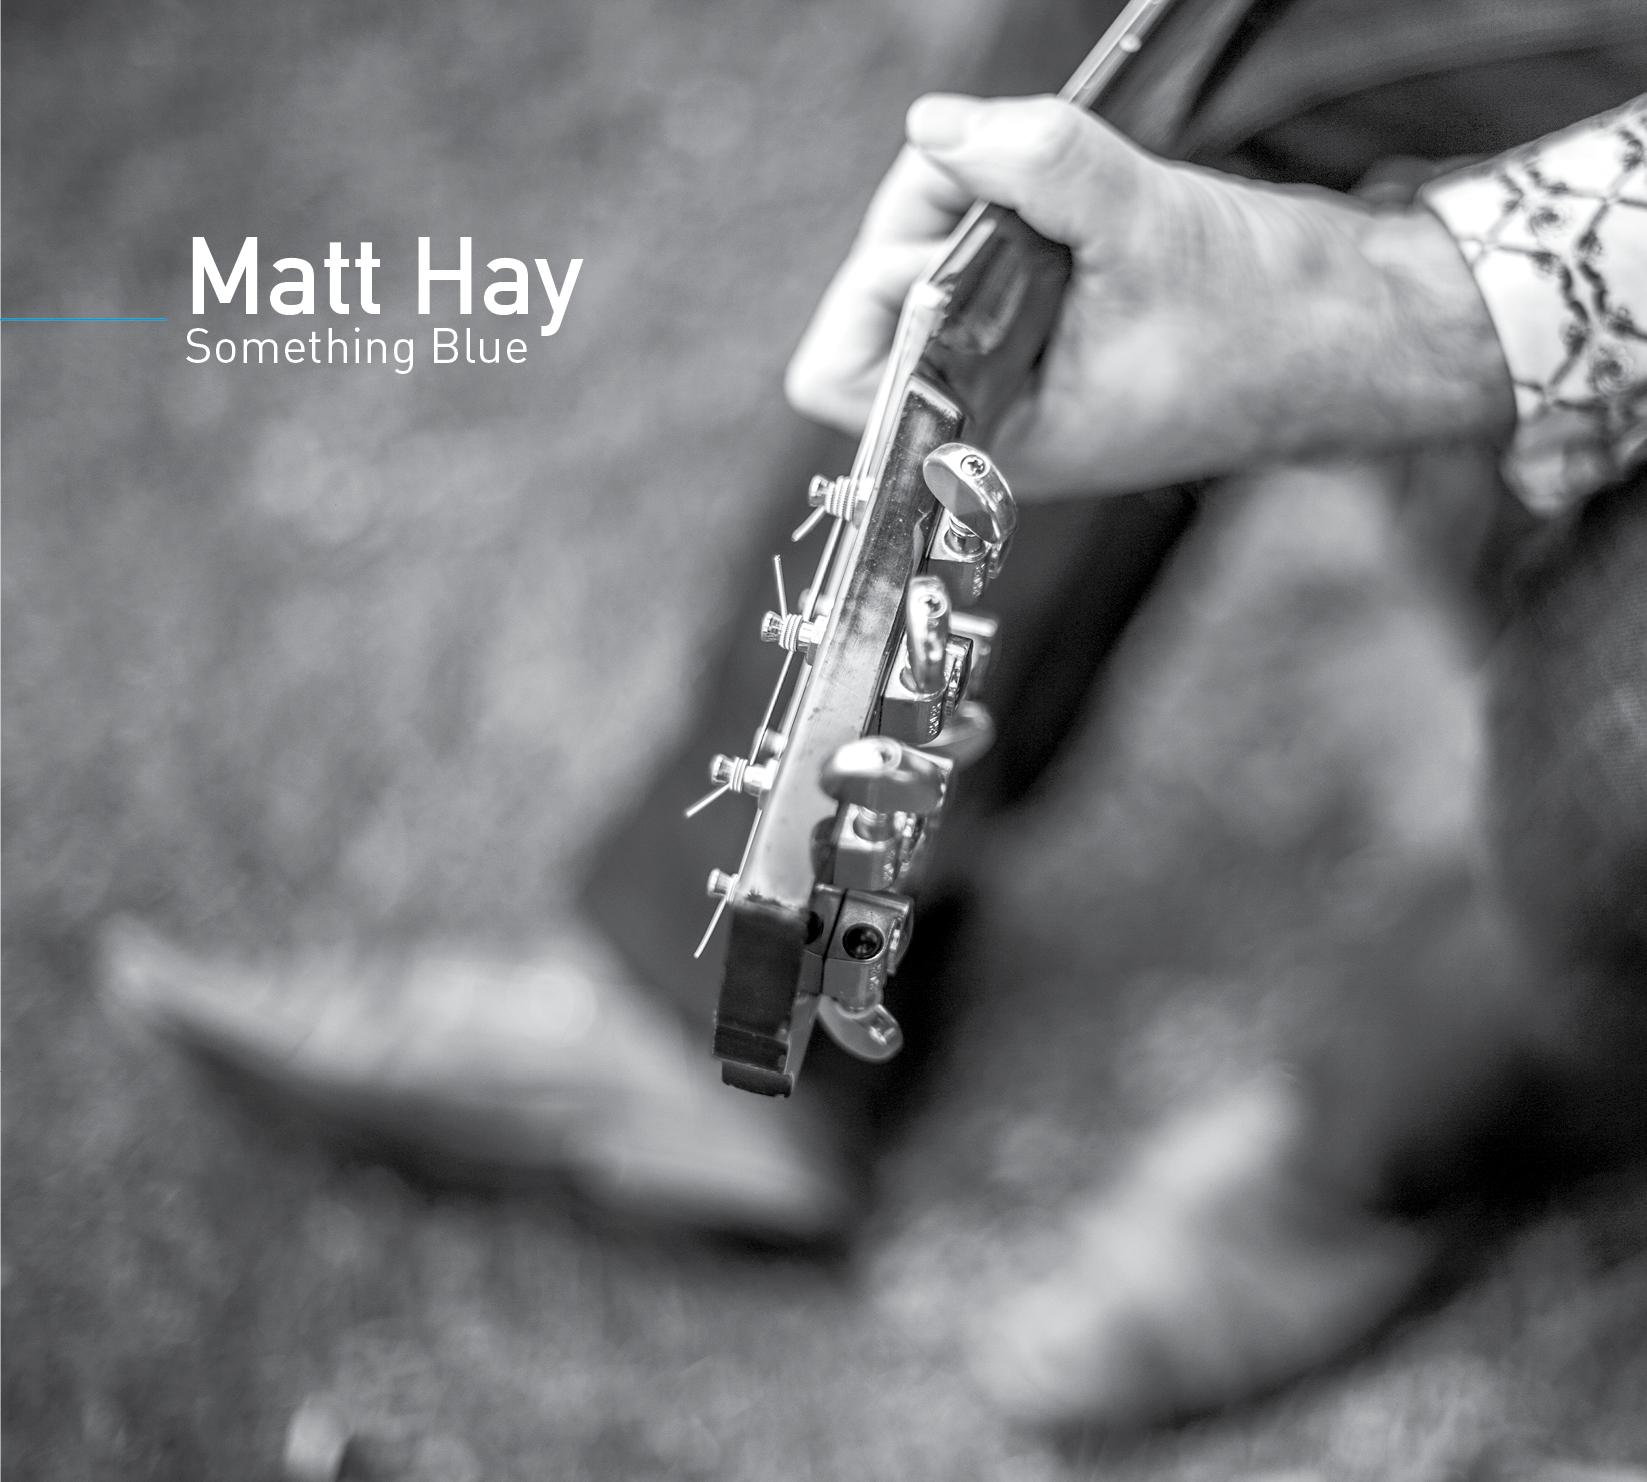 Matt Hay album art